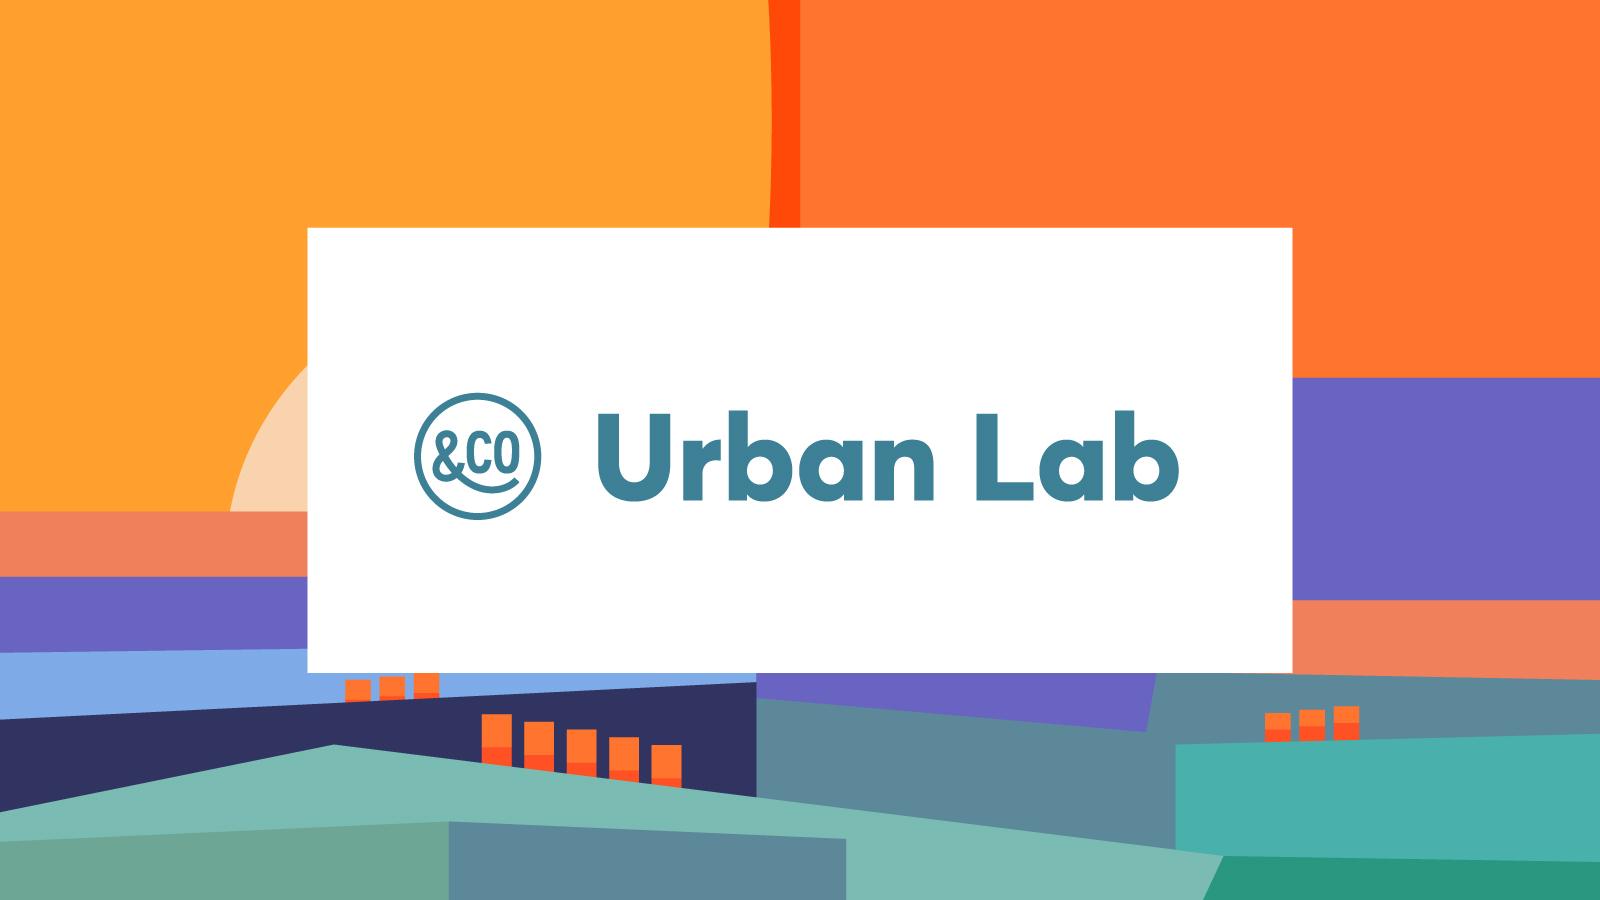 """Résultat de recherche d'images pour """"urban lab logo"""""""